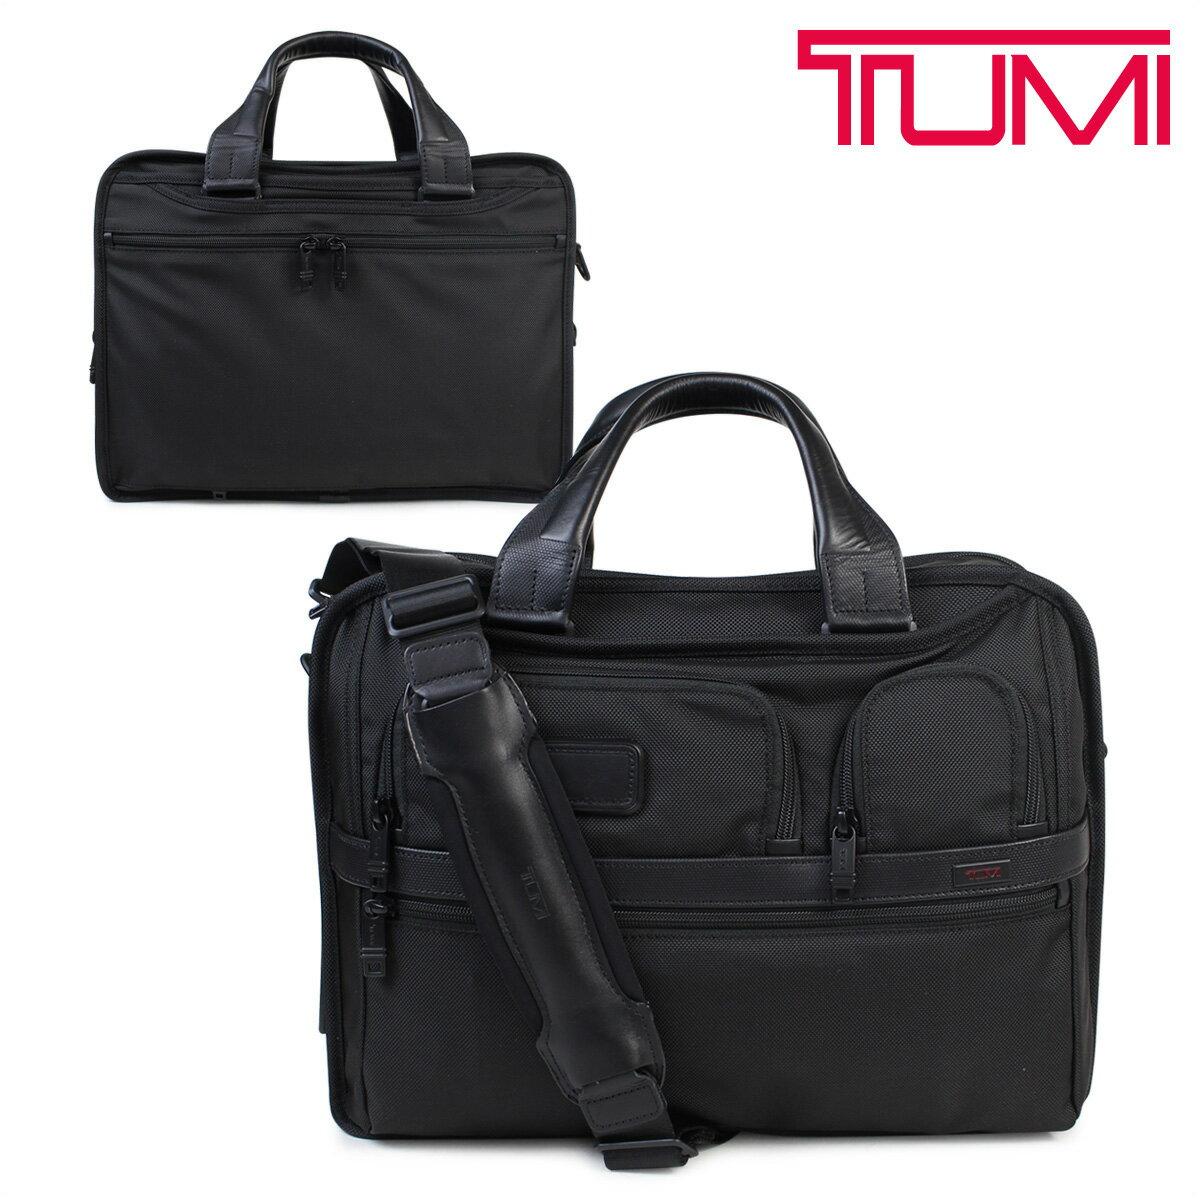 【最大2000円OFFクーポン】 TUMI トゥミ ビジネス バッグ メンズ 026141D2 ALPHA2 ブリーフケース EXPANDABLE ORGANIZER COMPUTER BRIEF ブラック